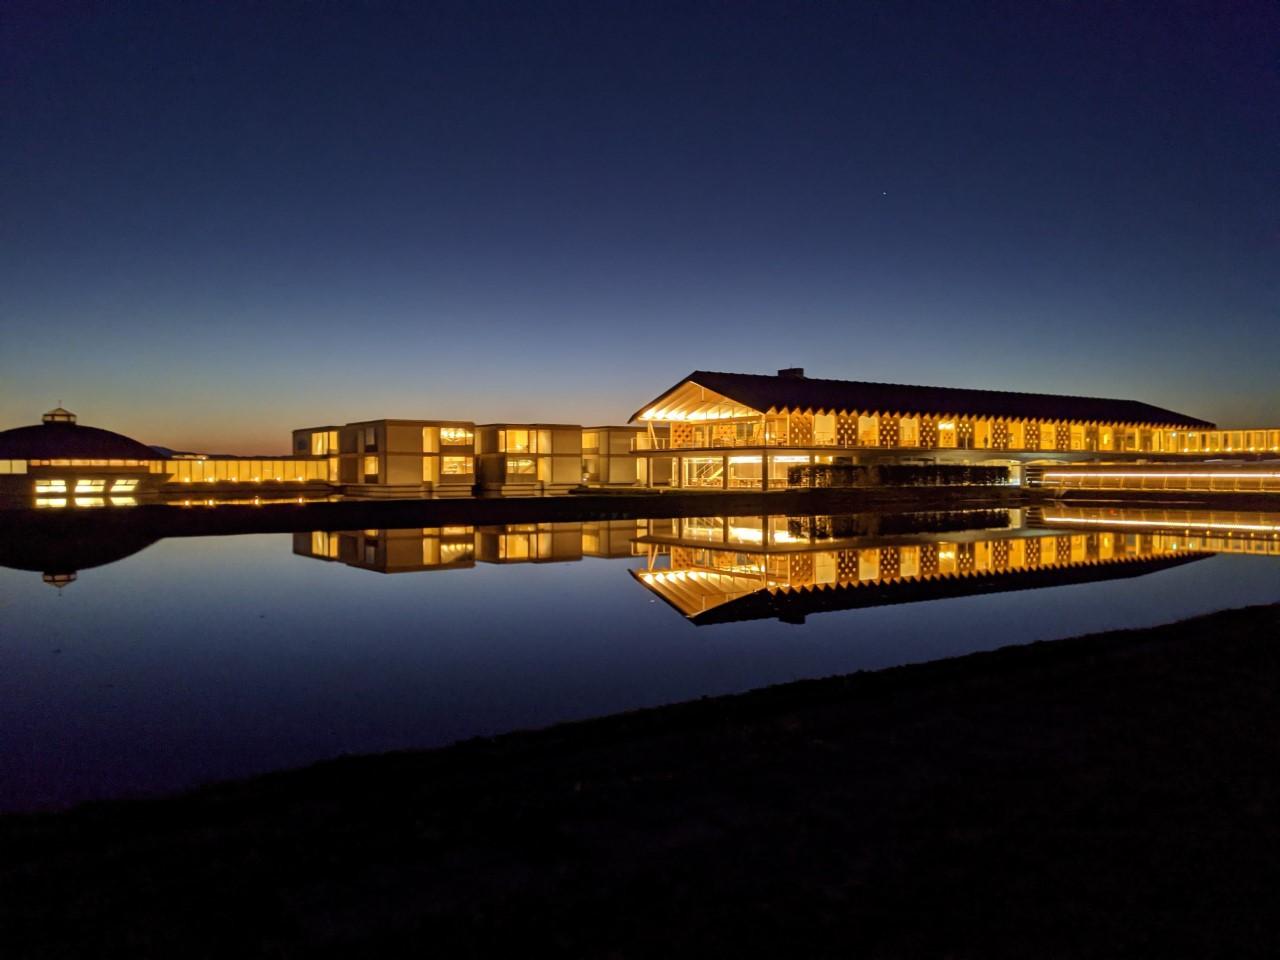 近づくと高まる期待感、田園風景と研究施設に囲まれて!